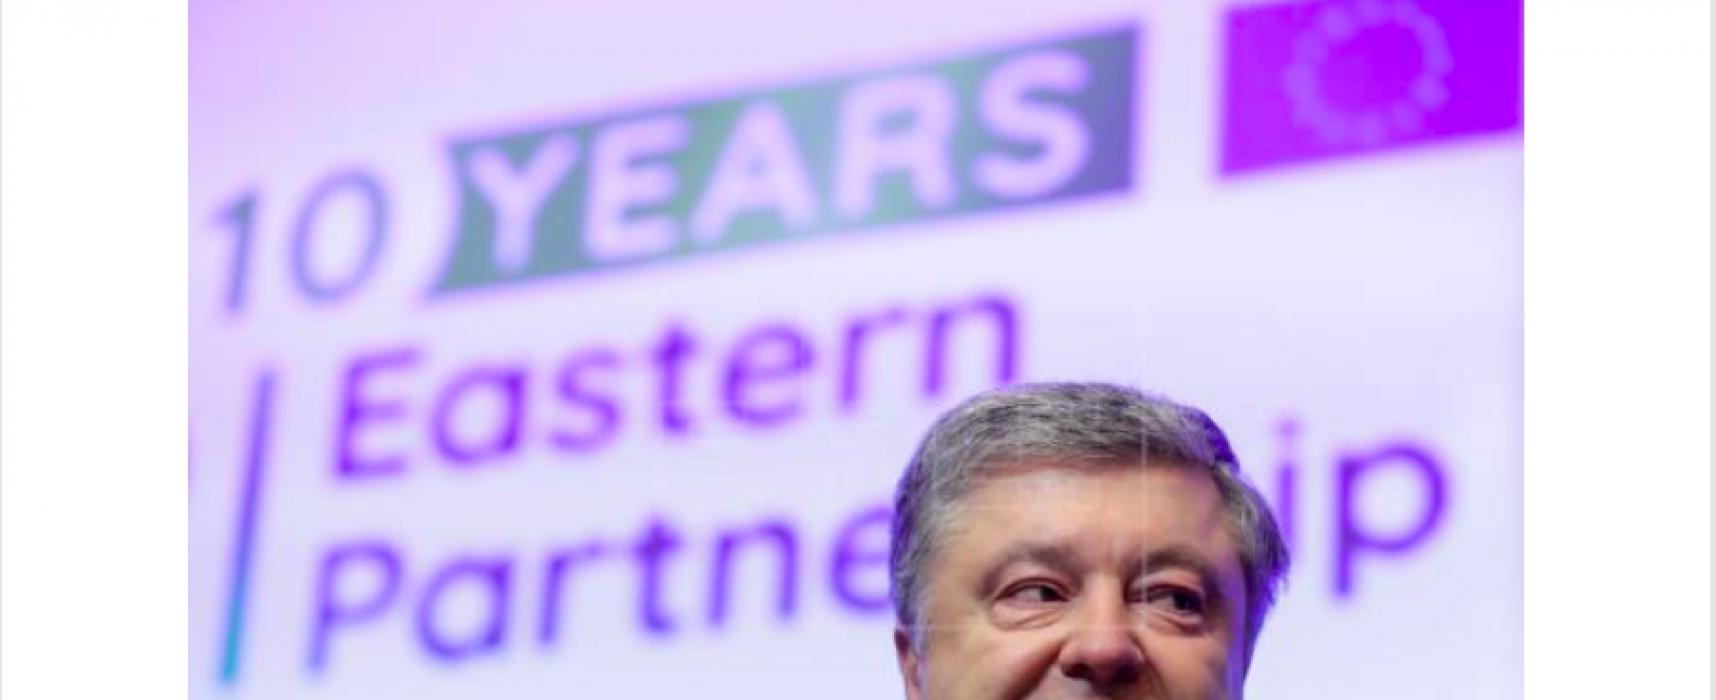 Acusaciones de Sam Kislin contra Poroshenko: fuente dudosa y falta de evidencia